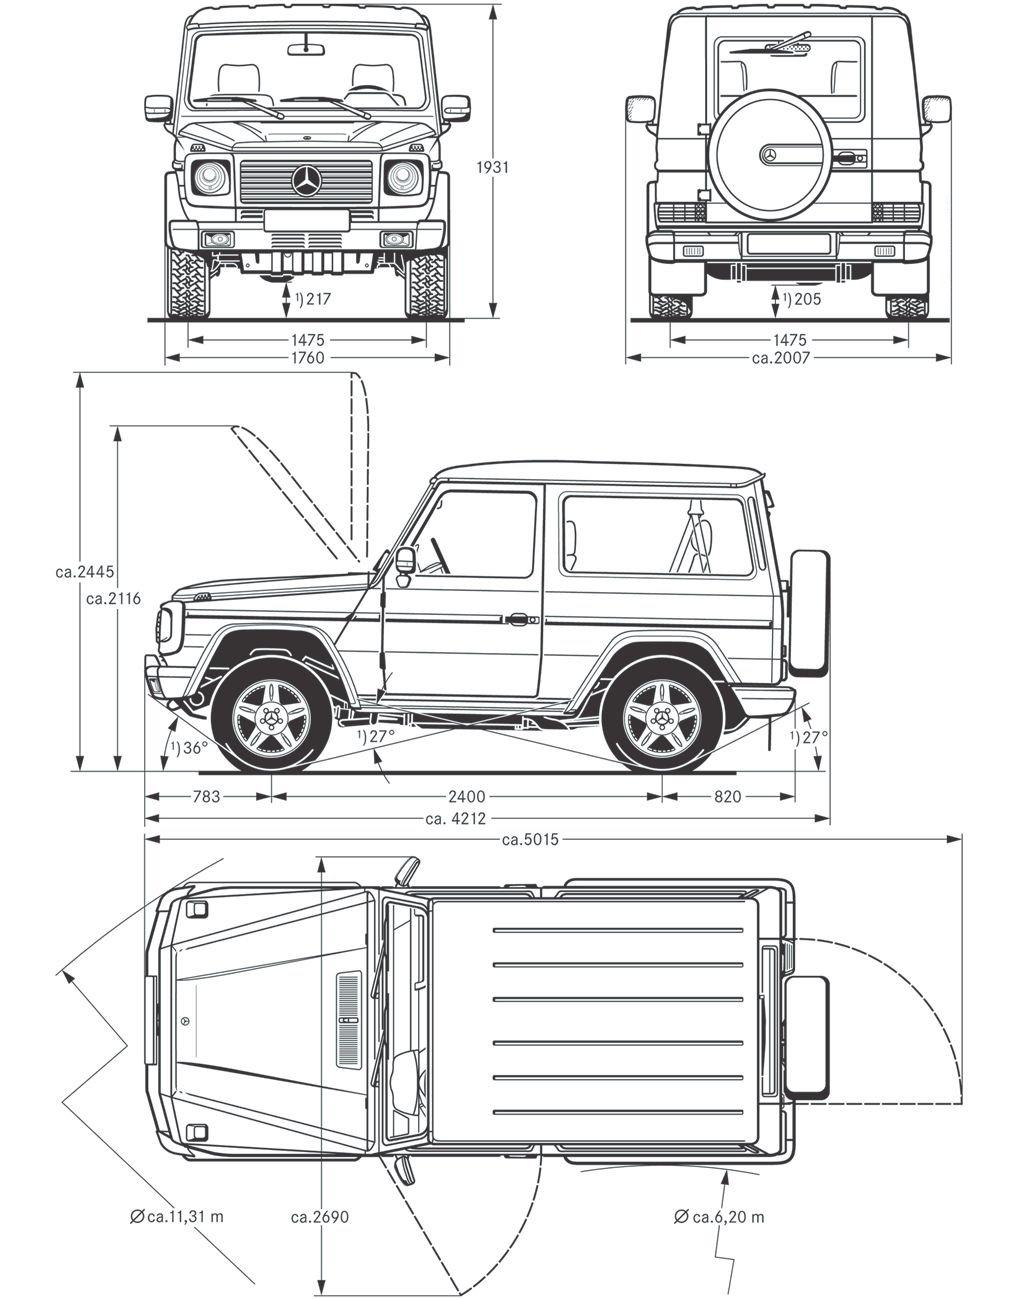 19-dimensions-exterieures-version-break-court-g500-mercedes-classe-g-463.jpg